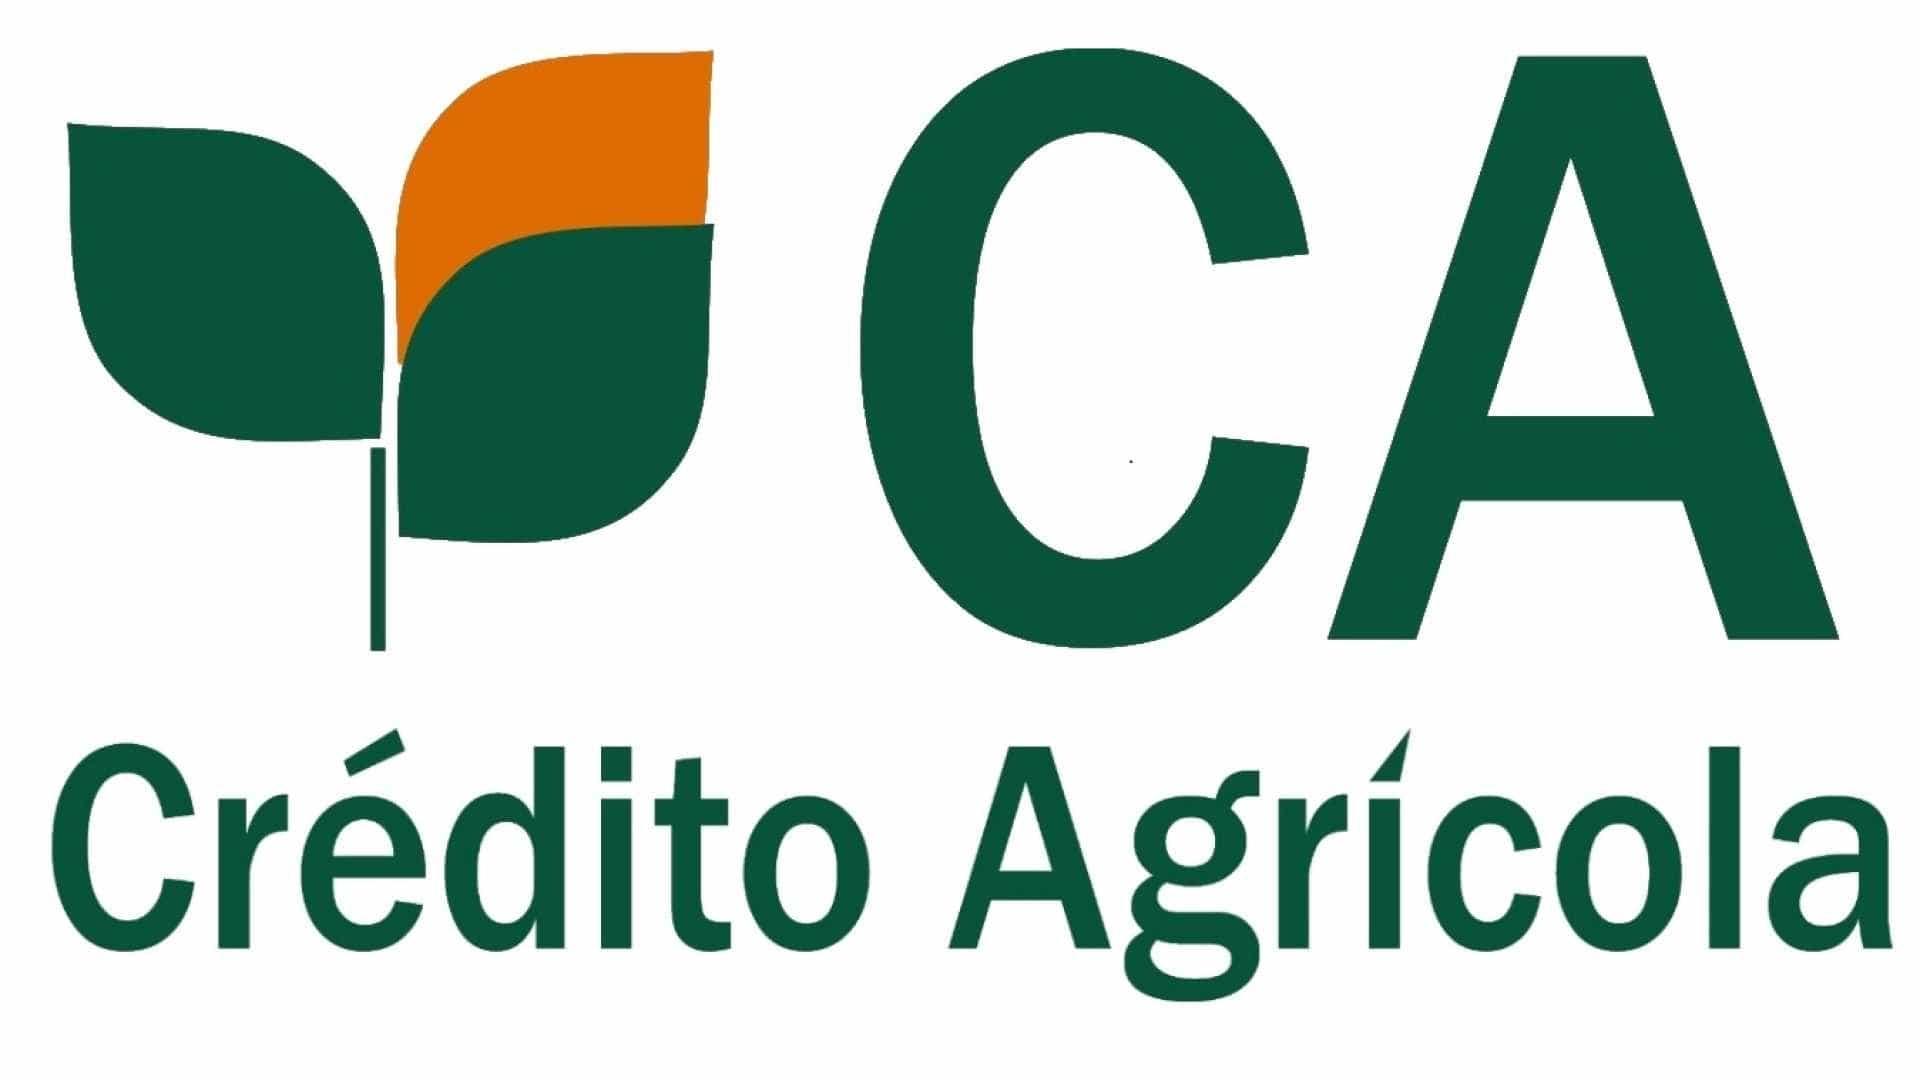 Caixa Central de Crédito Agrícola logo